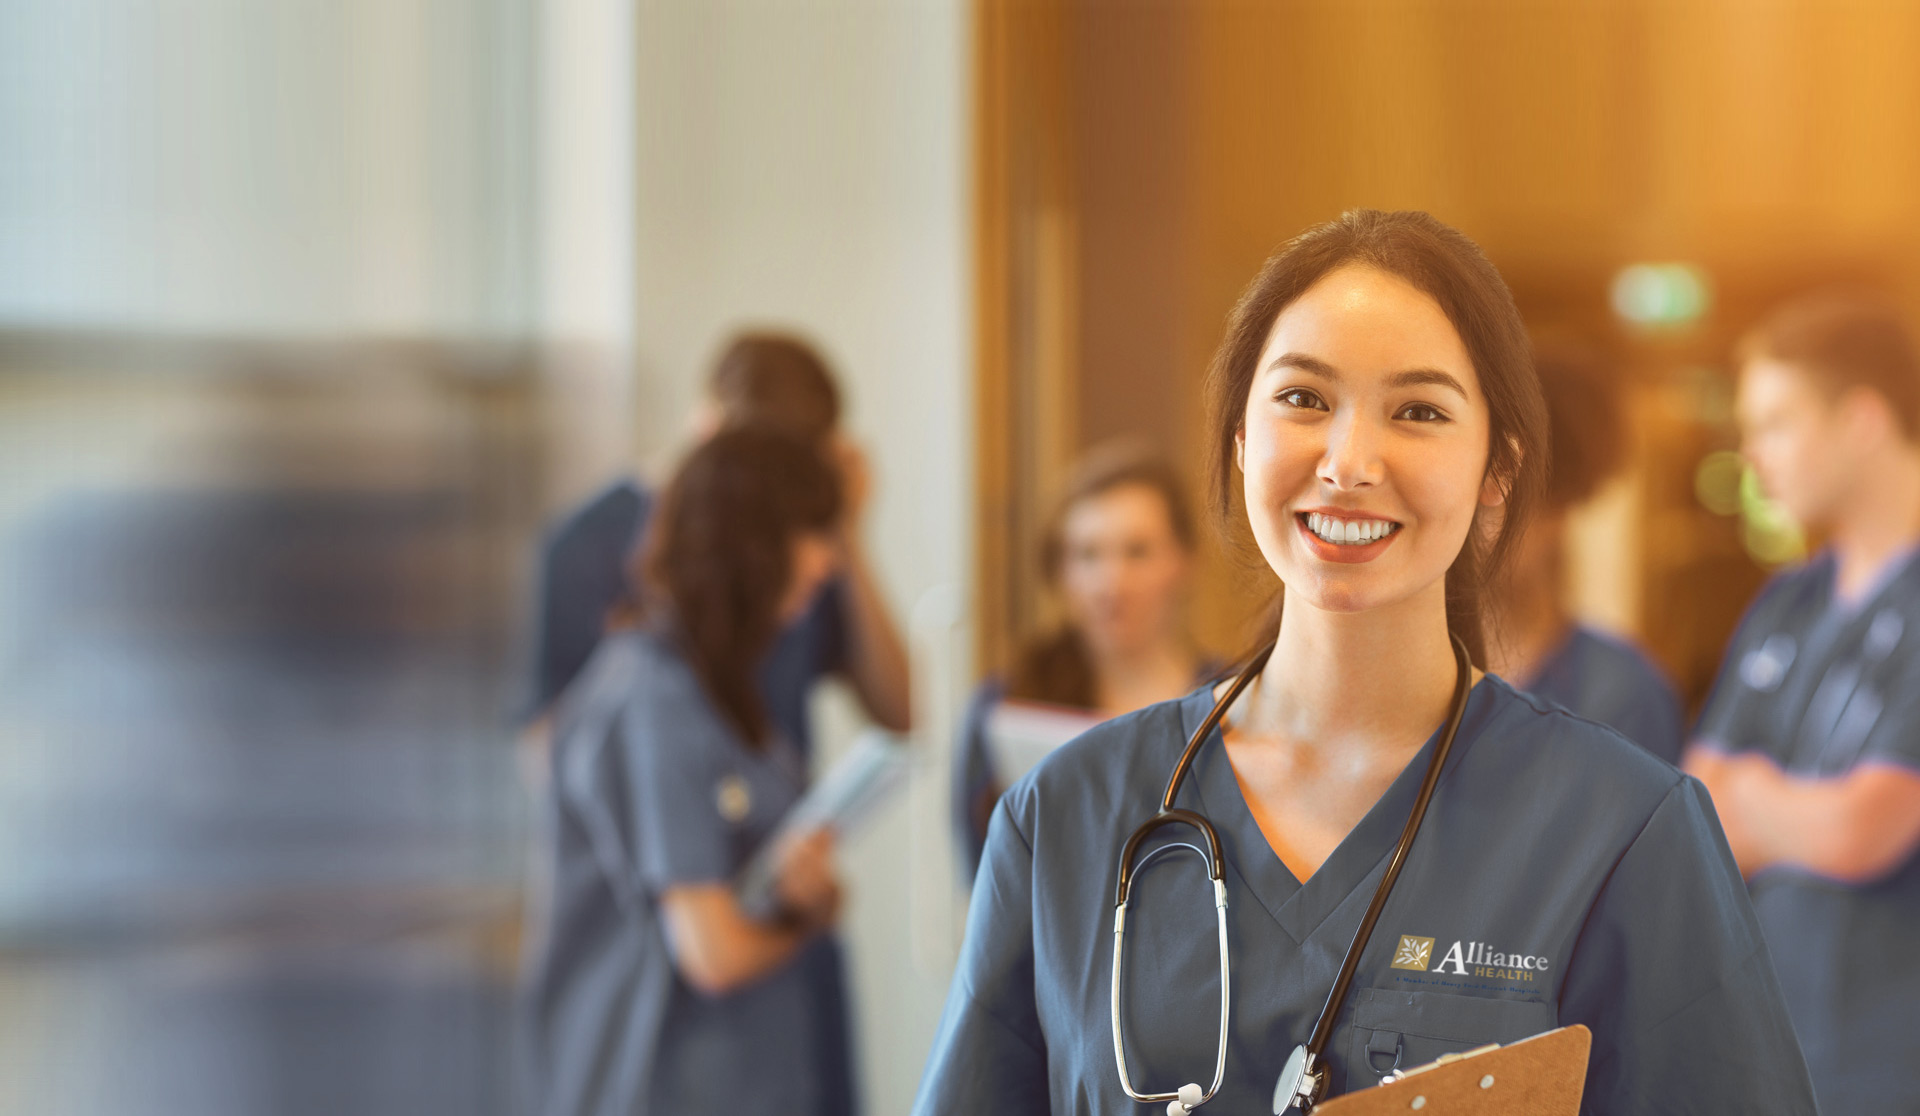 friendly nurse in scrubs